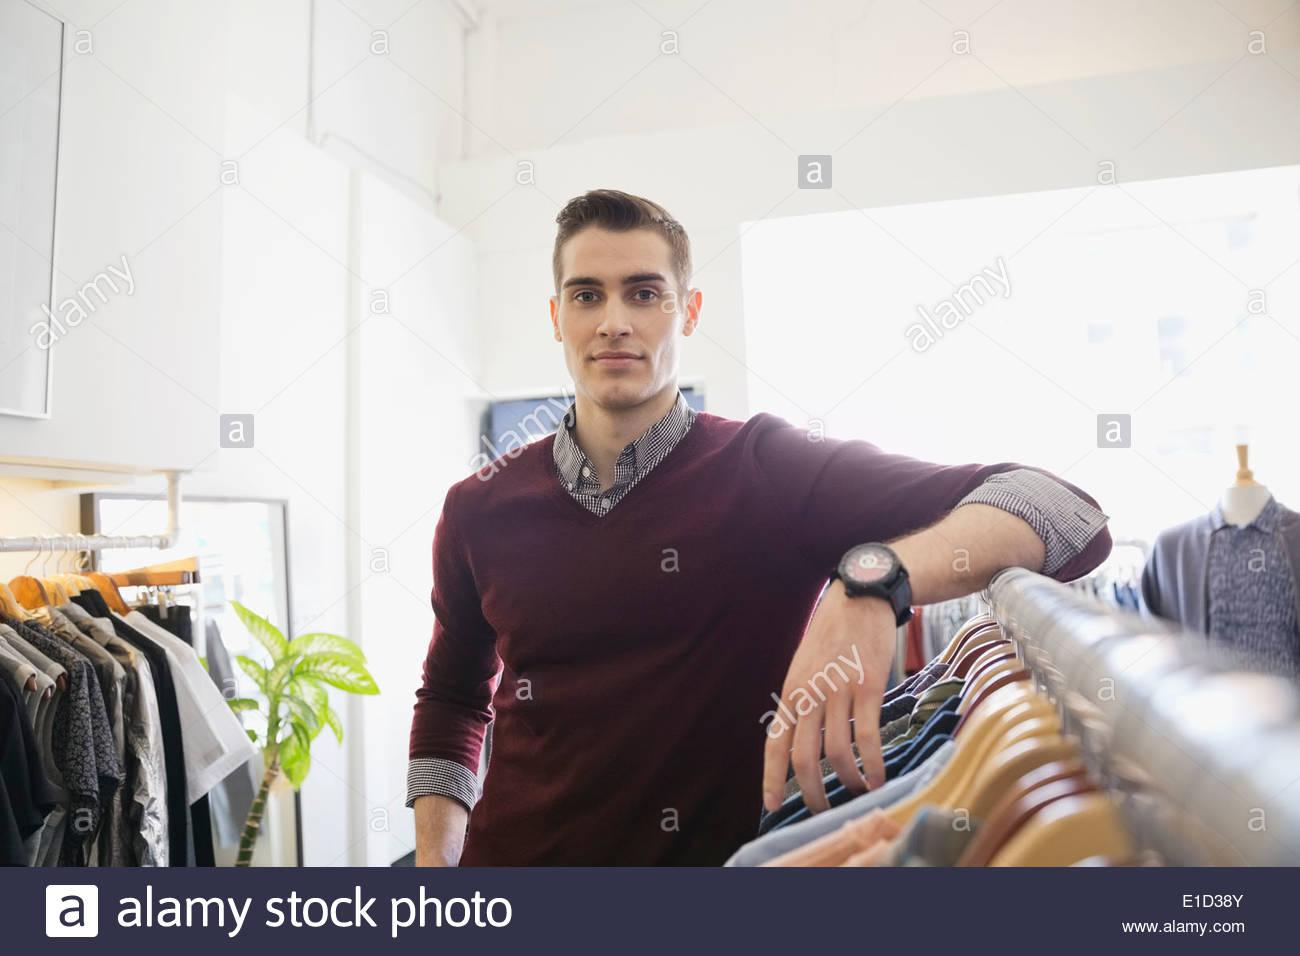 Porträt von Geschäftsinhaber in Bekleidungsgeschäft Stockbild